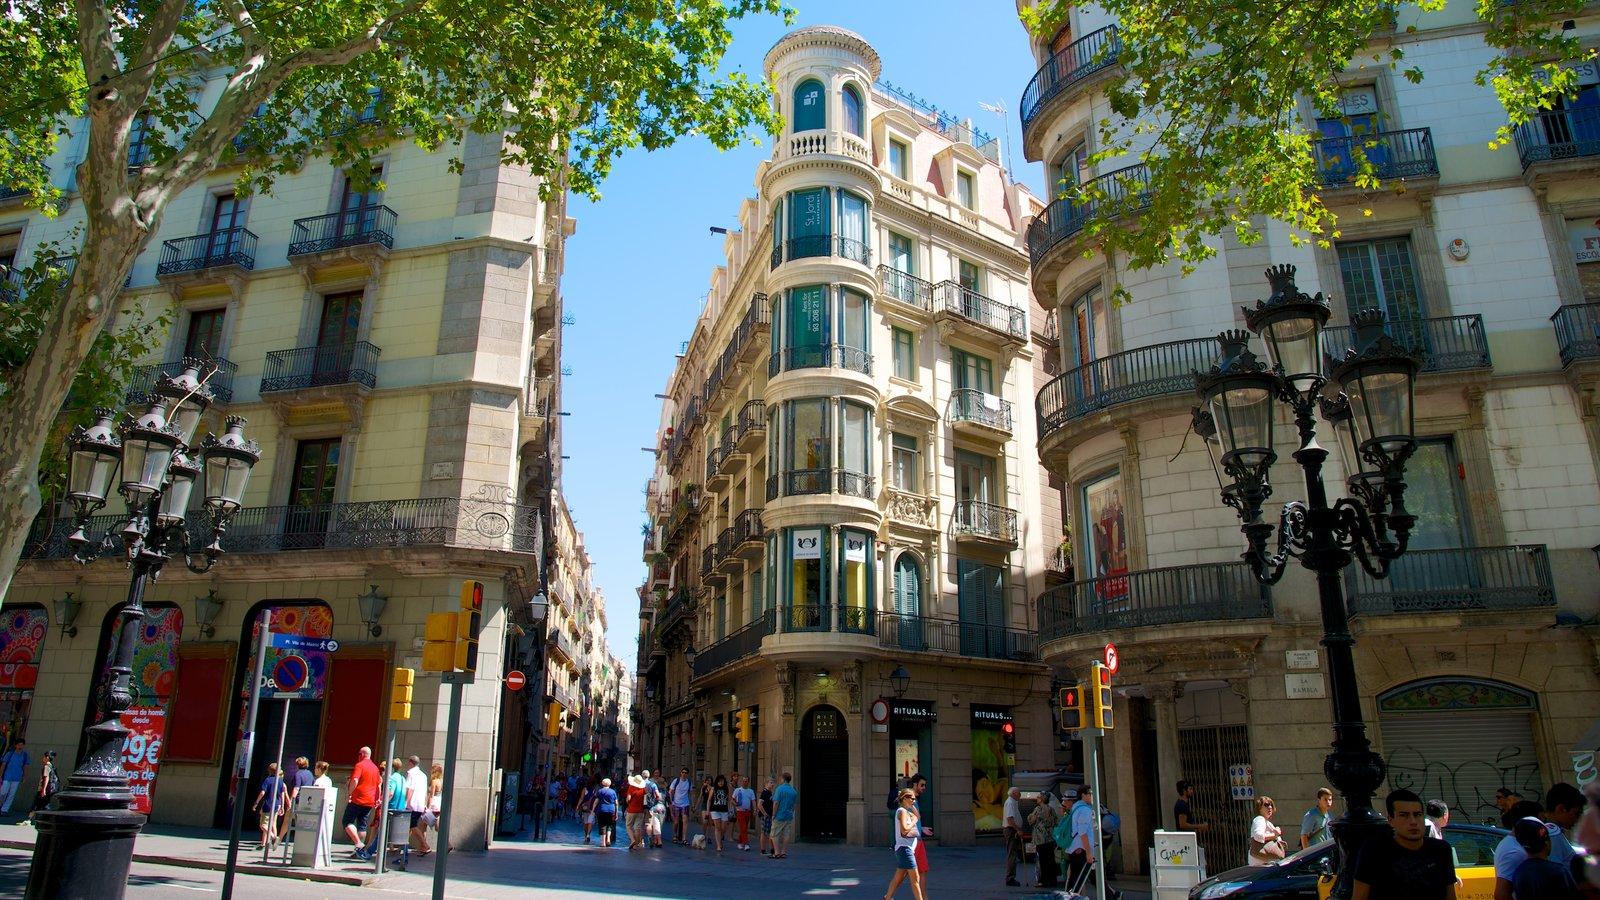 Las ramblas pictures view photos images of las ramblas for Las ramblas hotel barcelona